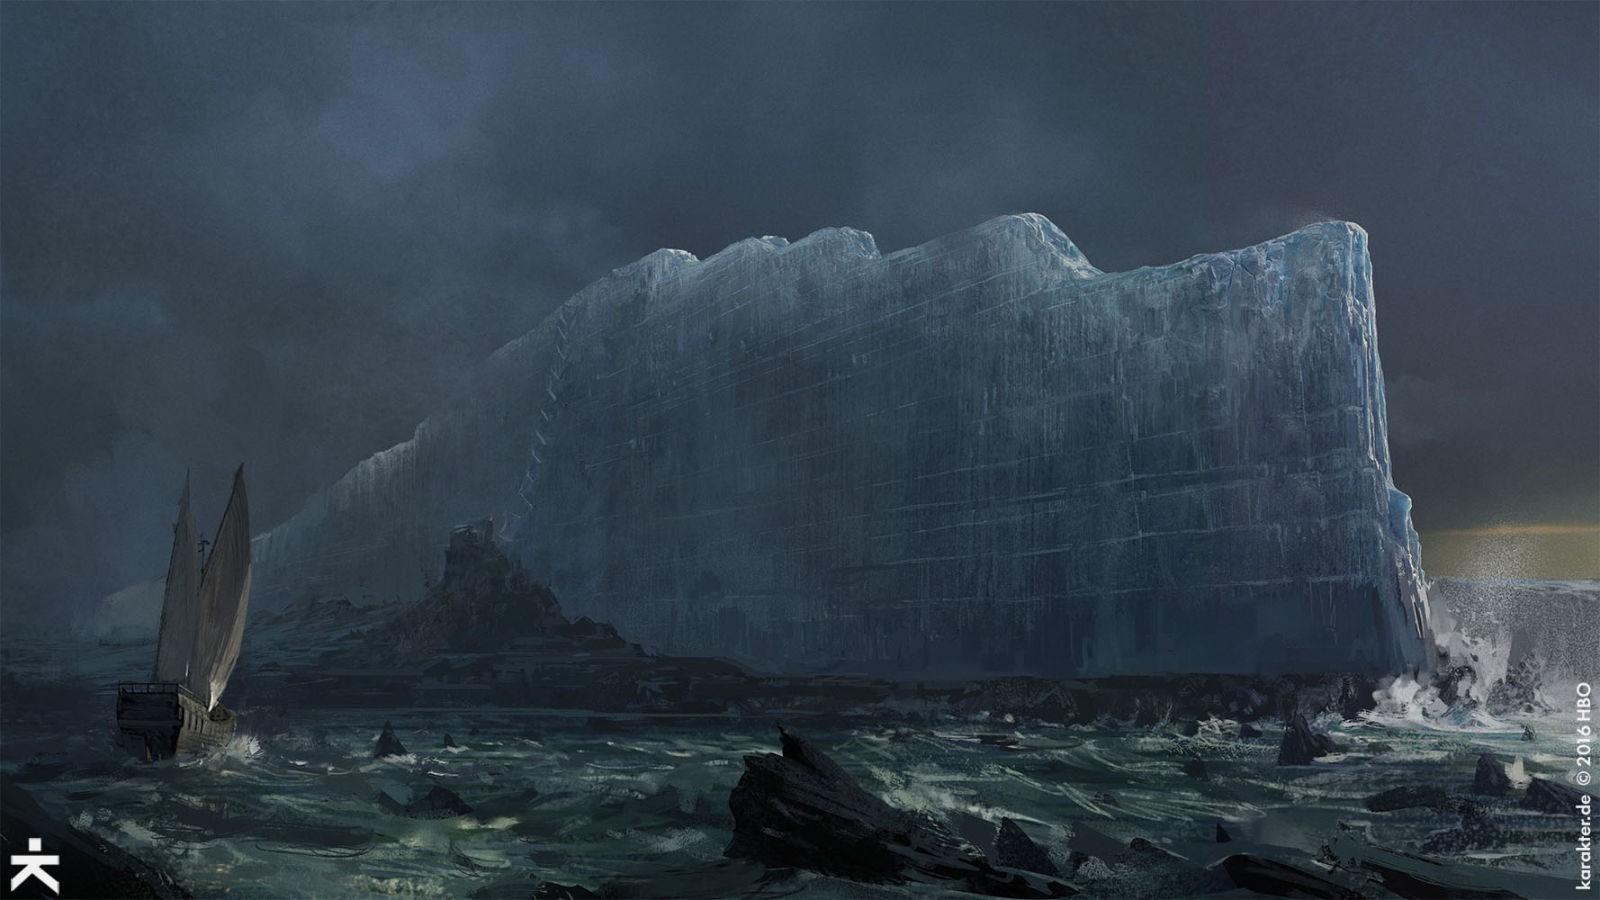 《权力的游戏》第七季概念图欣赏 绝美炫酷场景图片